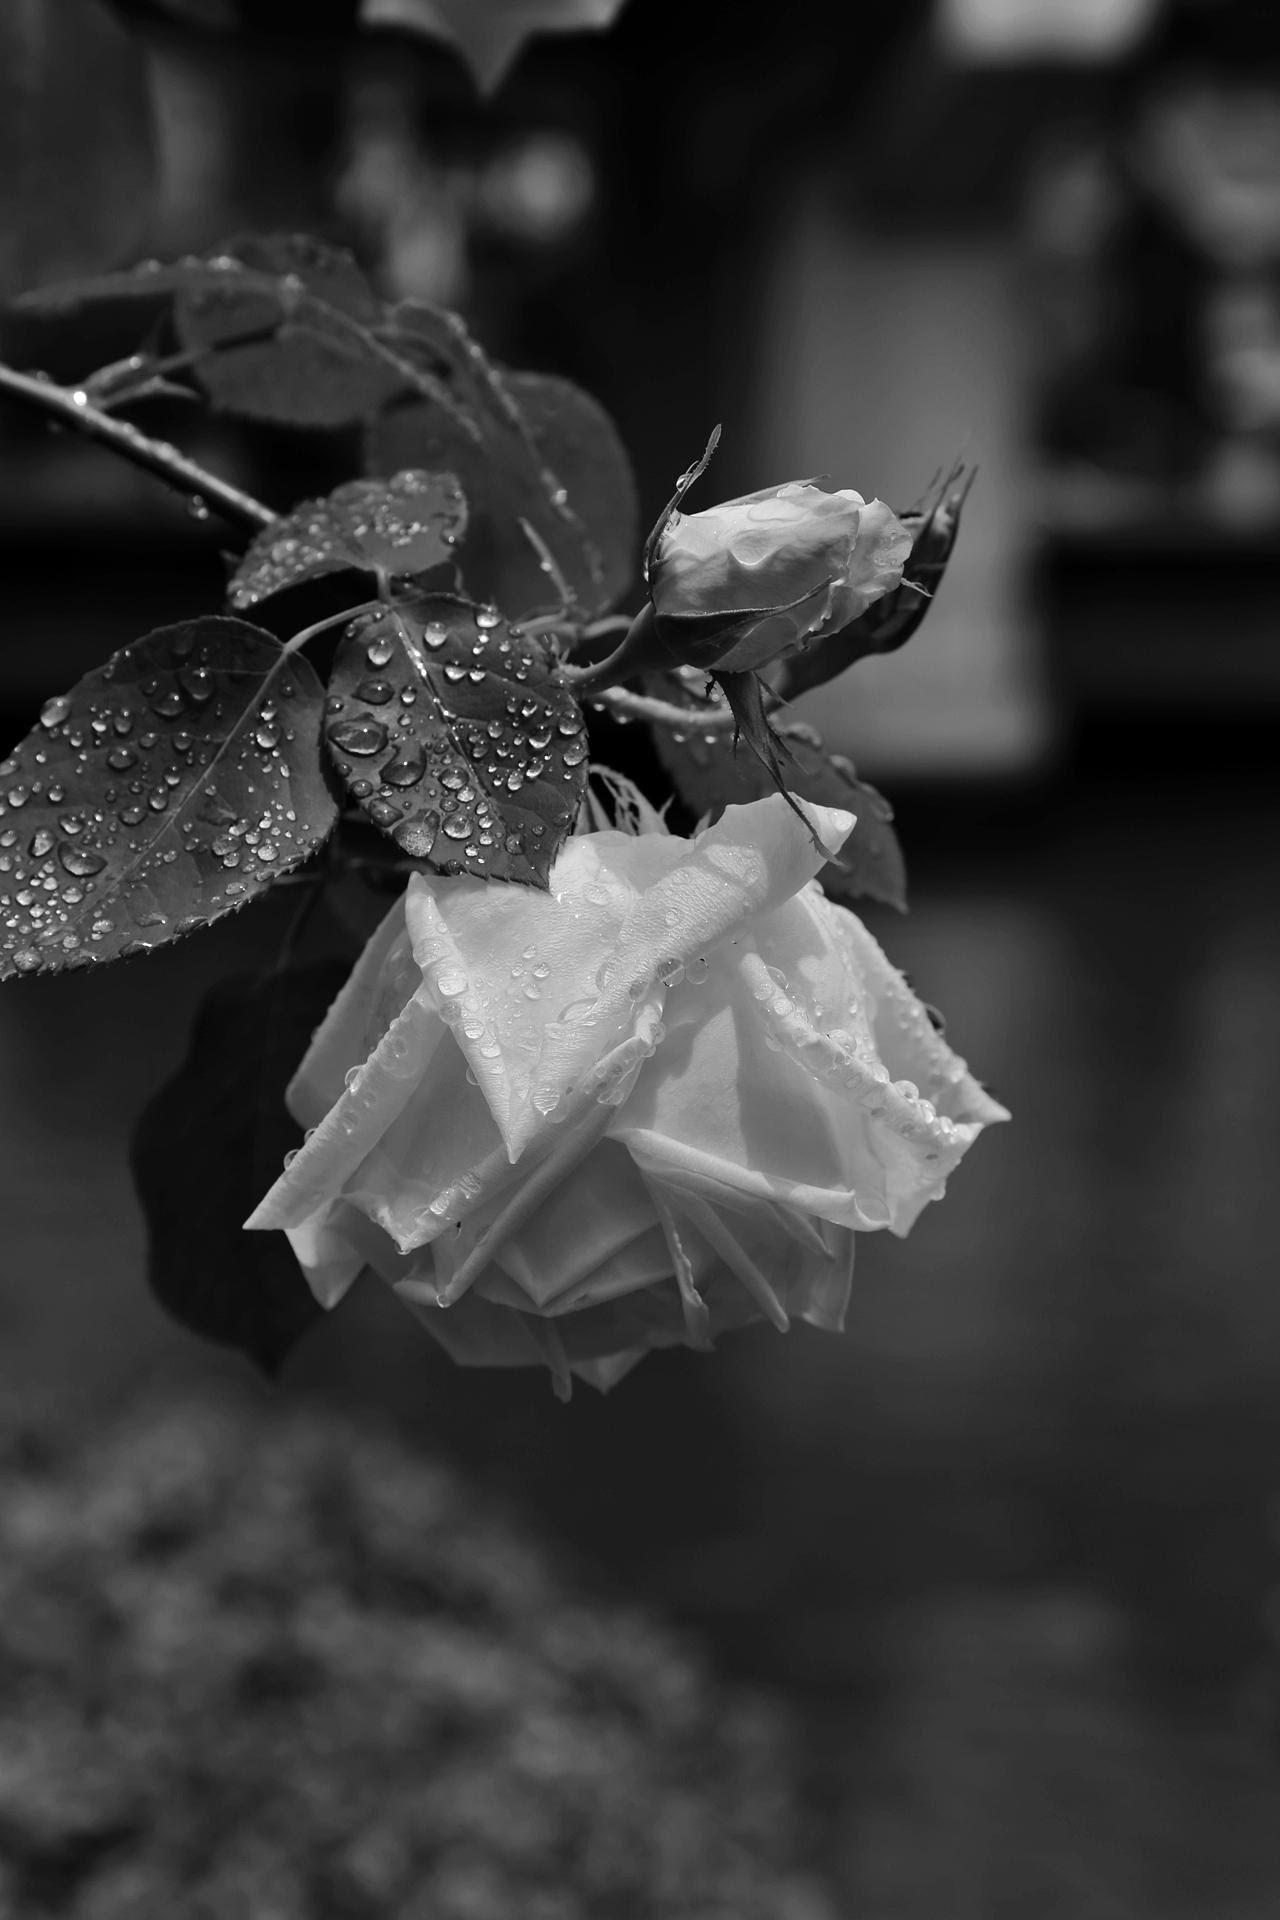 Gambar Hitam Dan Putih Menanam Hujan Daun Bunga Mawar Musim